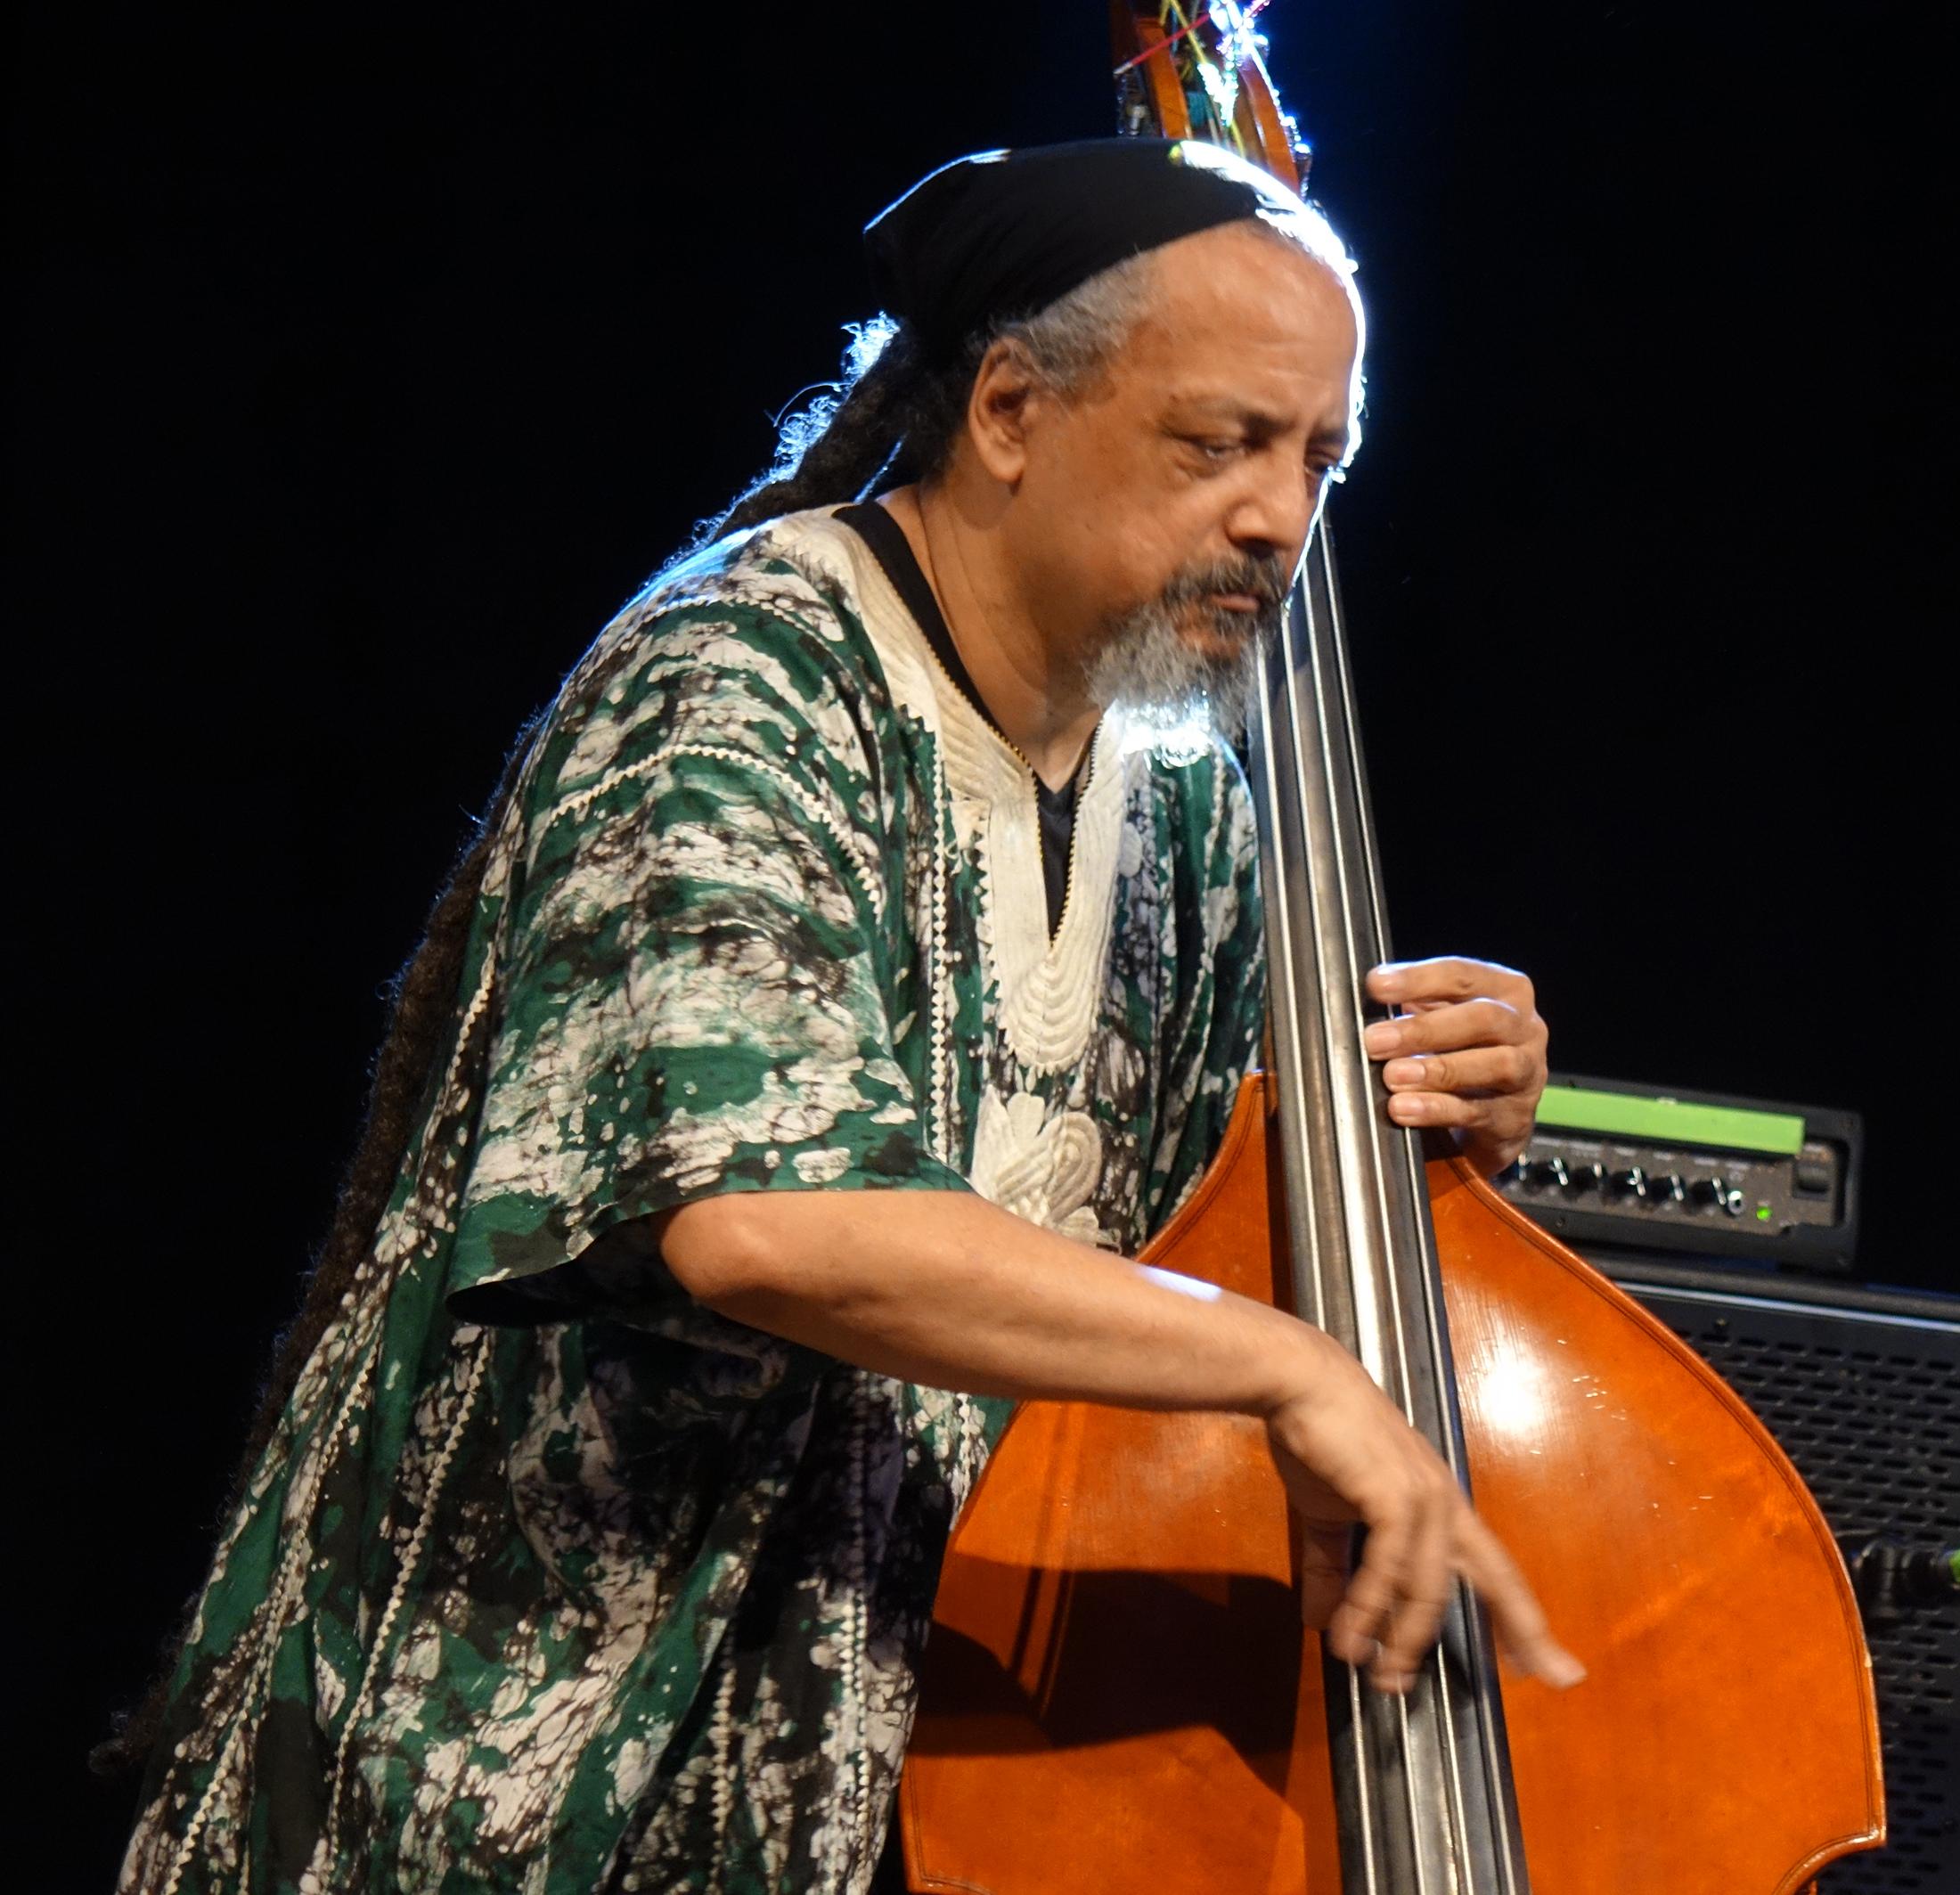 Jaribu Shahid in Sant' Anna Arresi Sardinia 2018